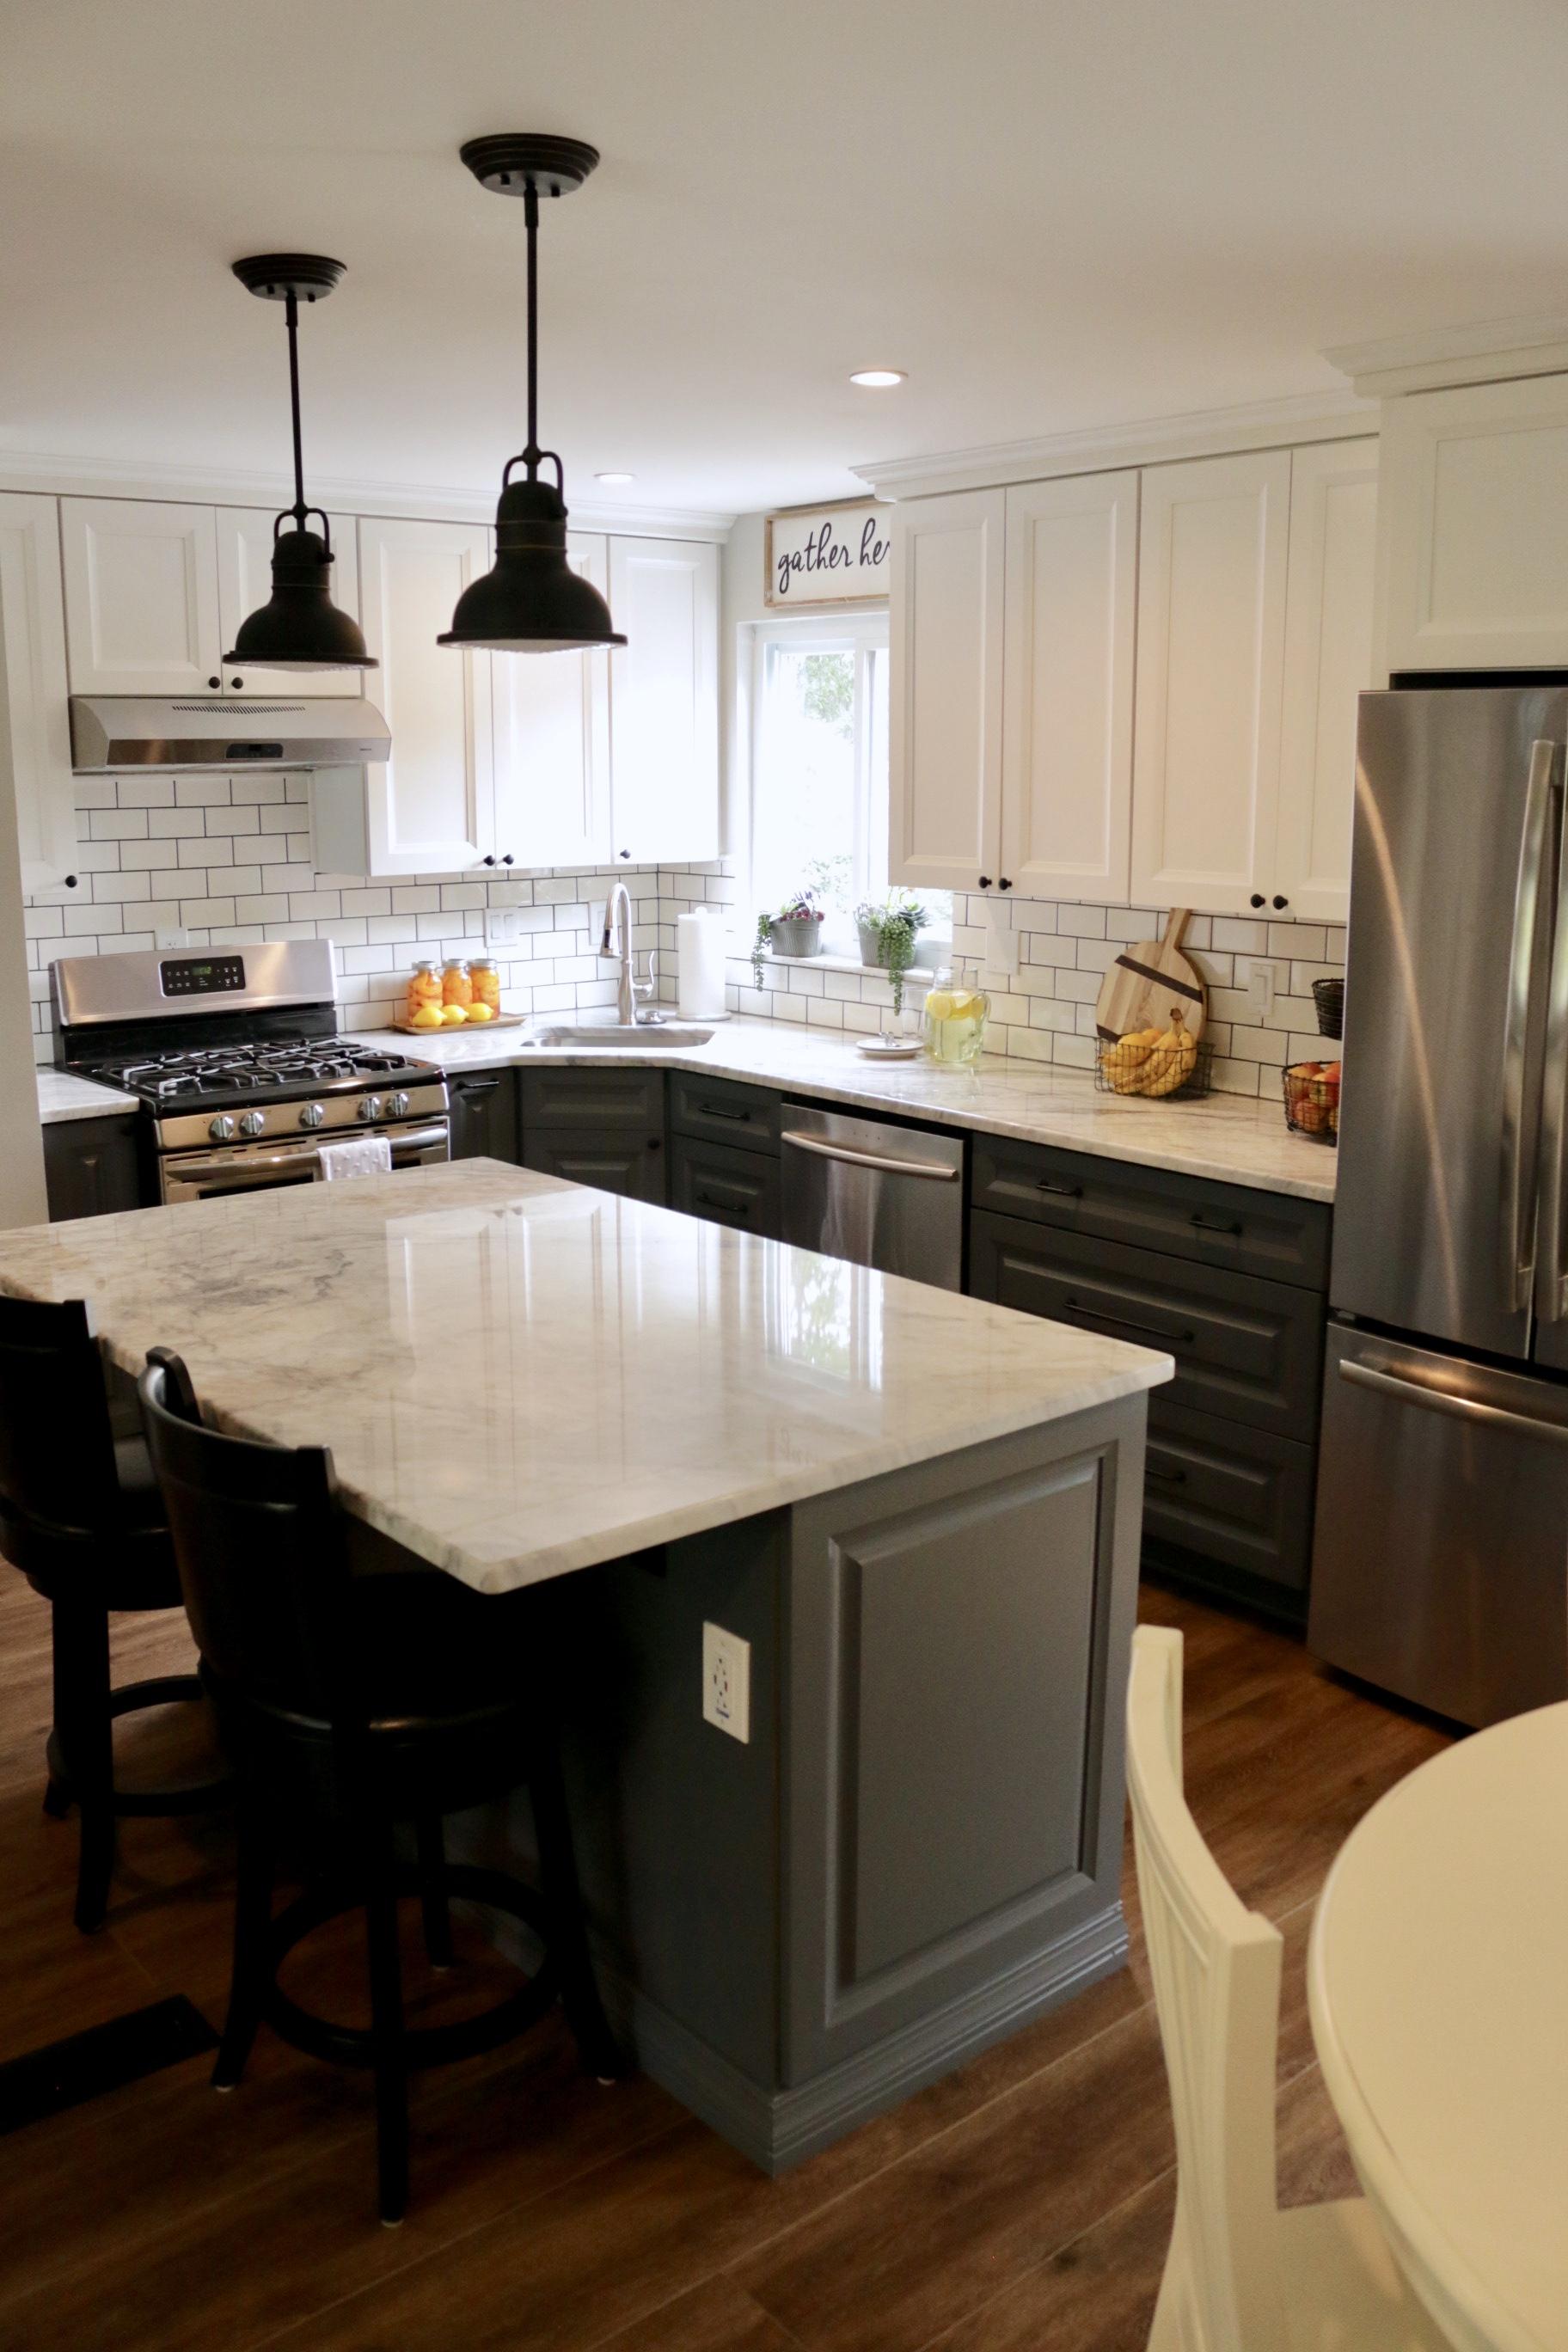 Kitchen Sink Overview